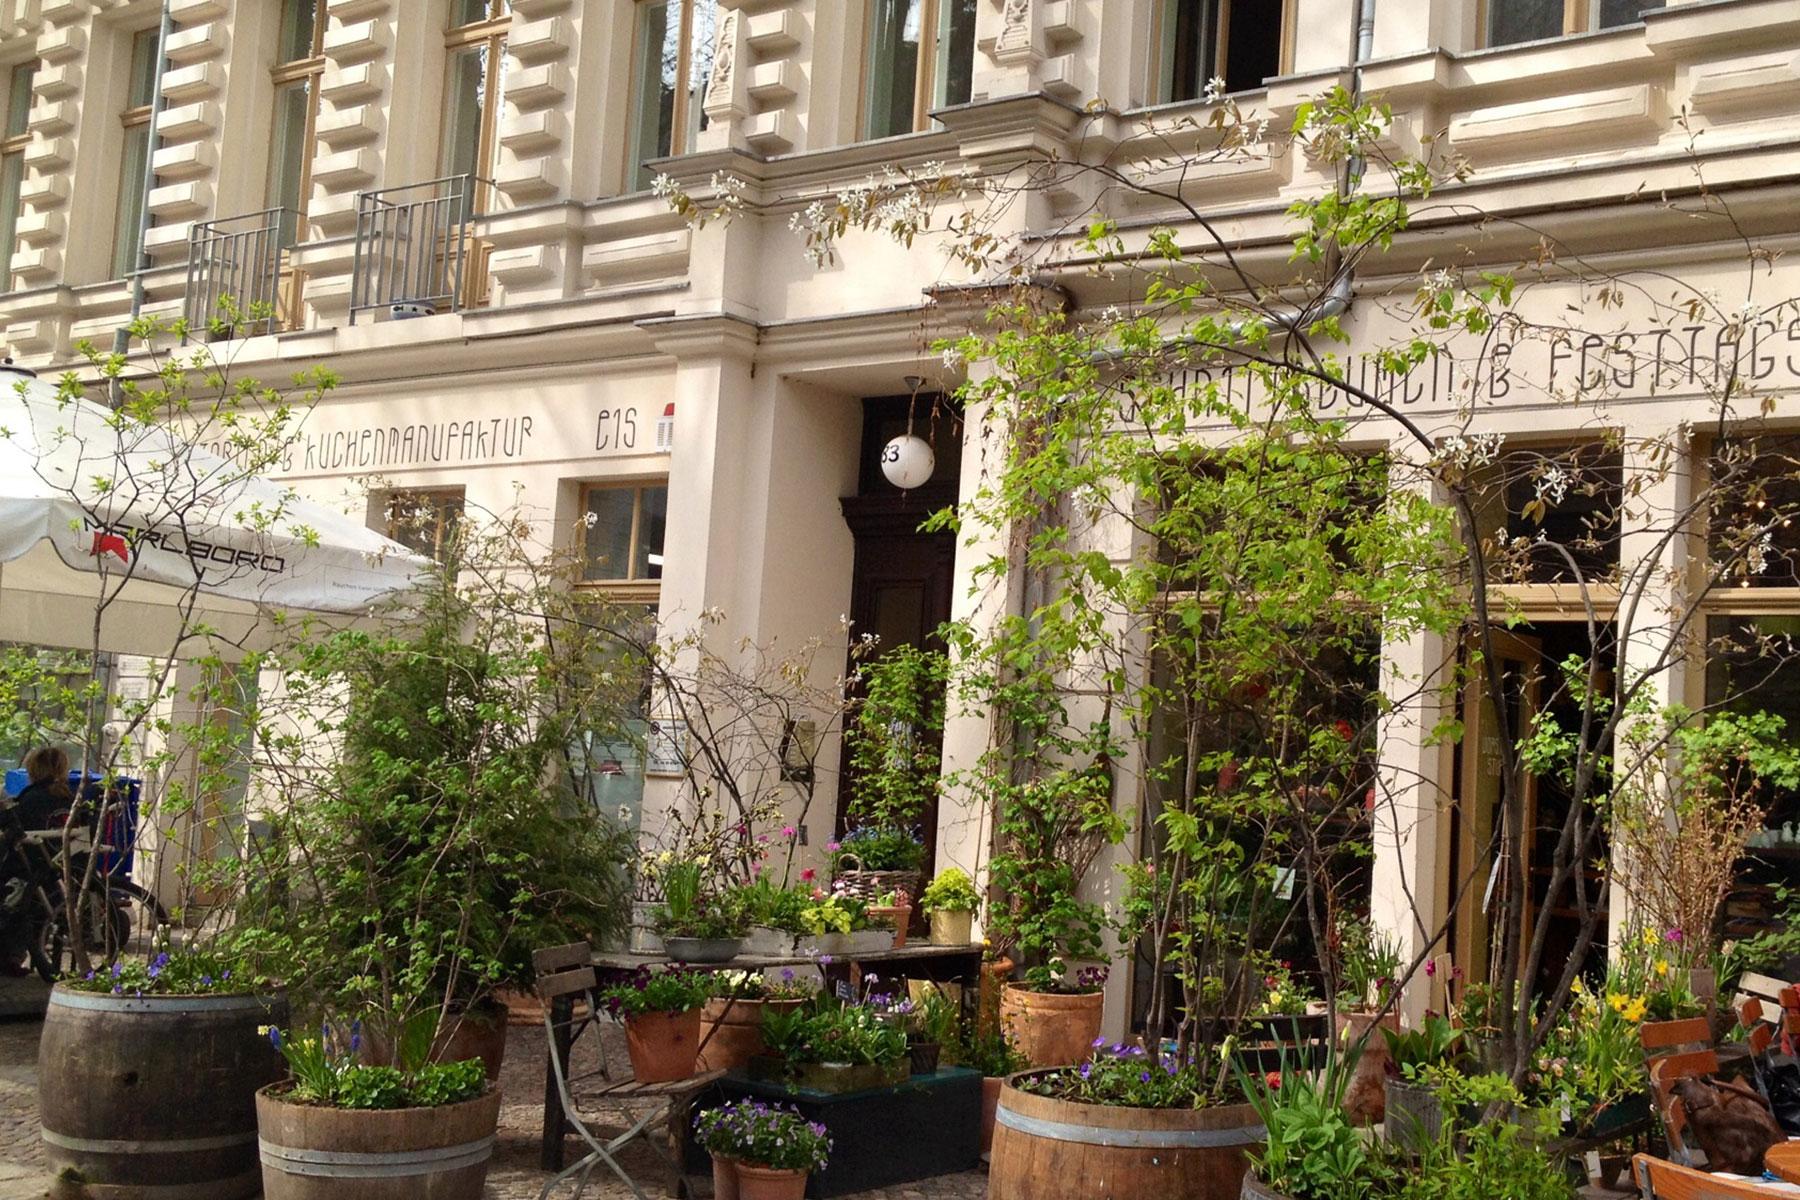 Cafe Anna Blume in Berlin wunderschön dekoriert